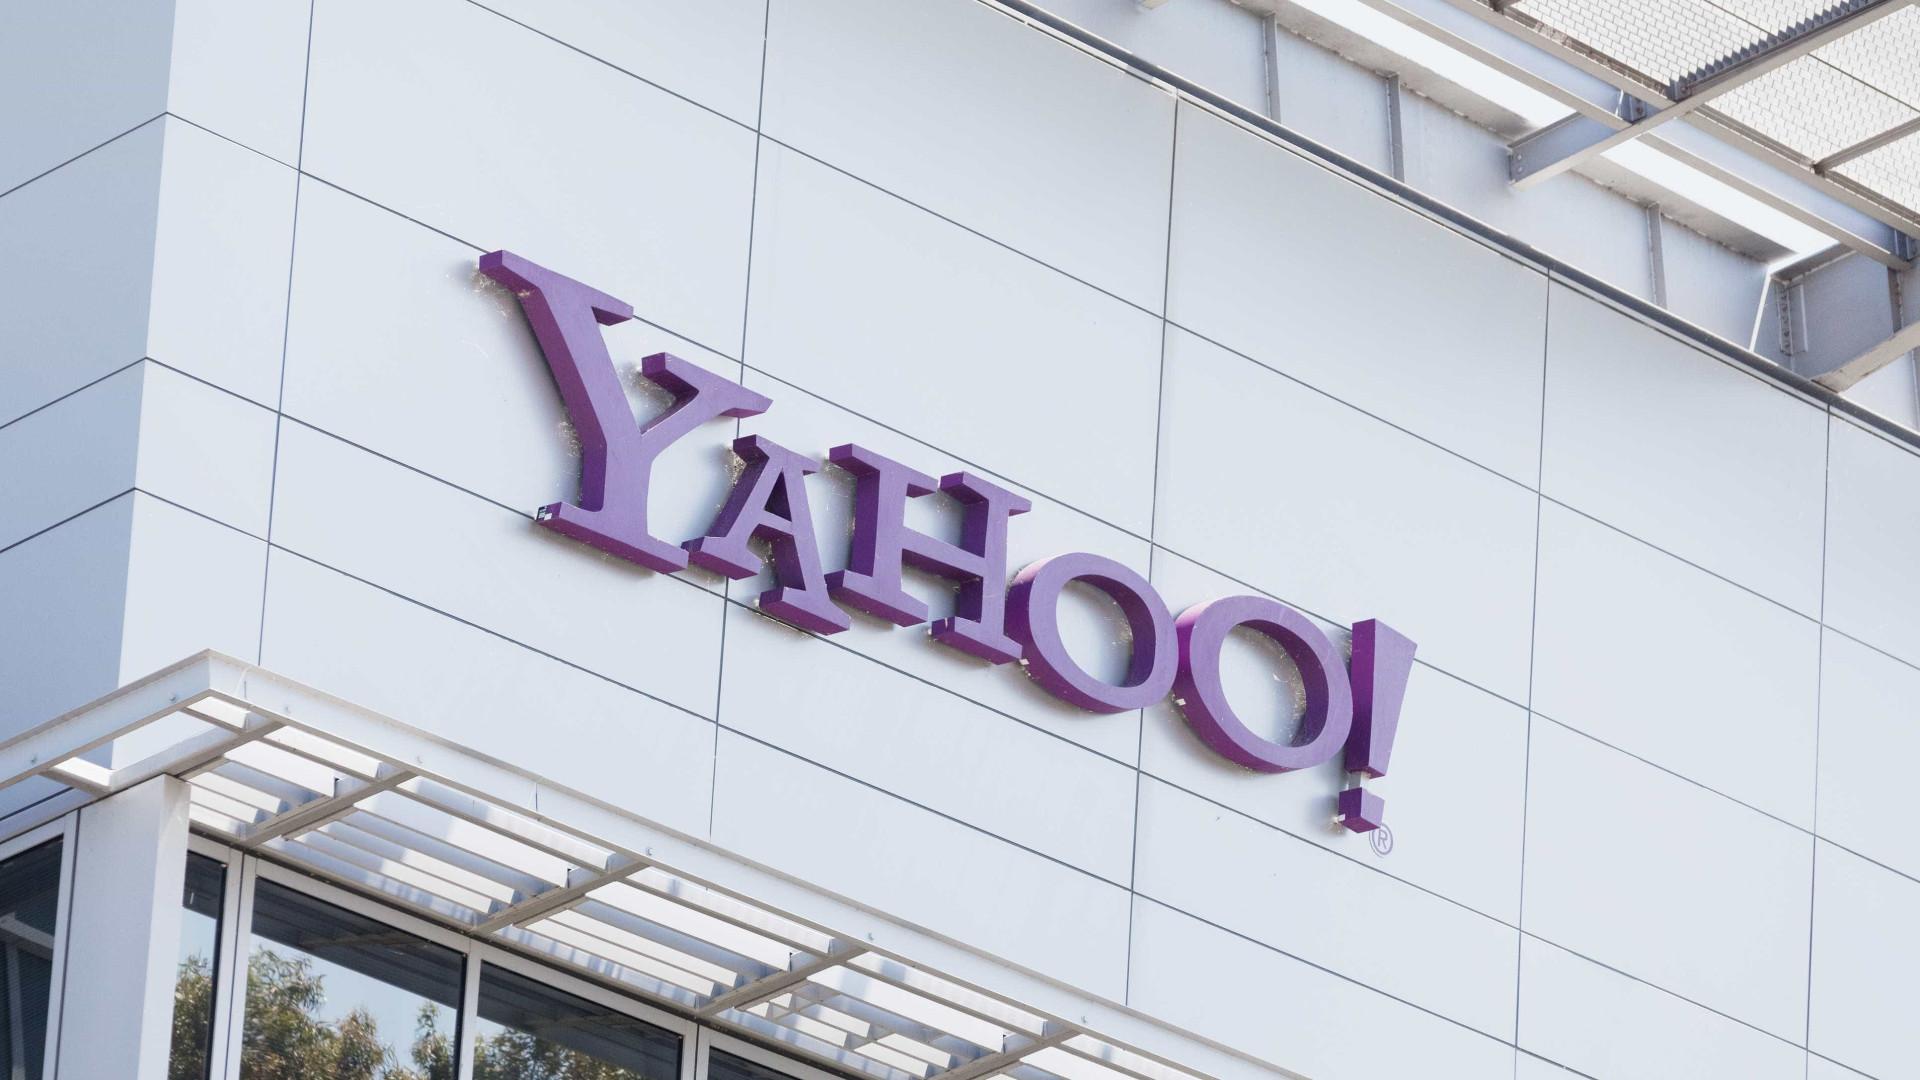 Ciberataque de 2013 afetou as 3 bilhões de contas da empresa — Yahoo